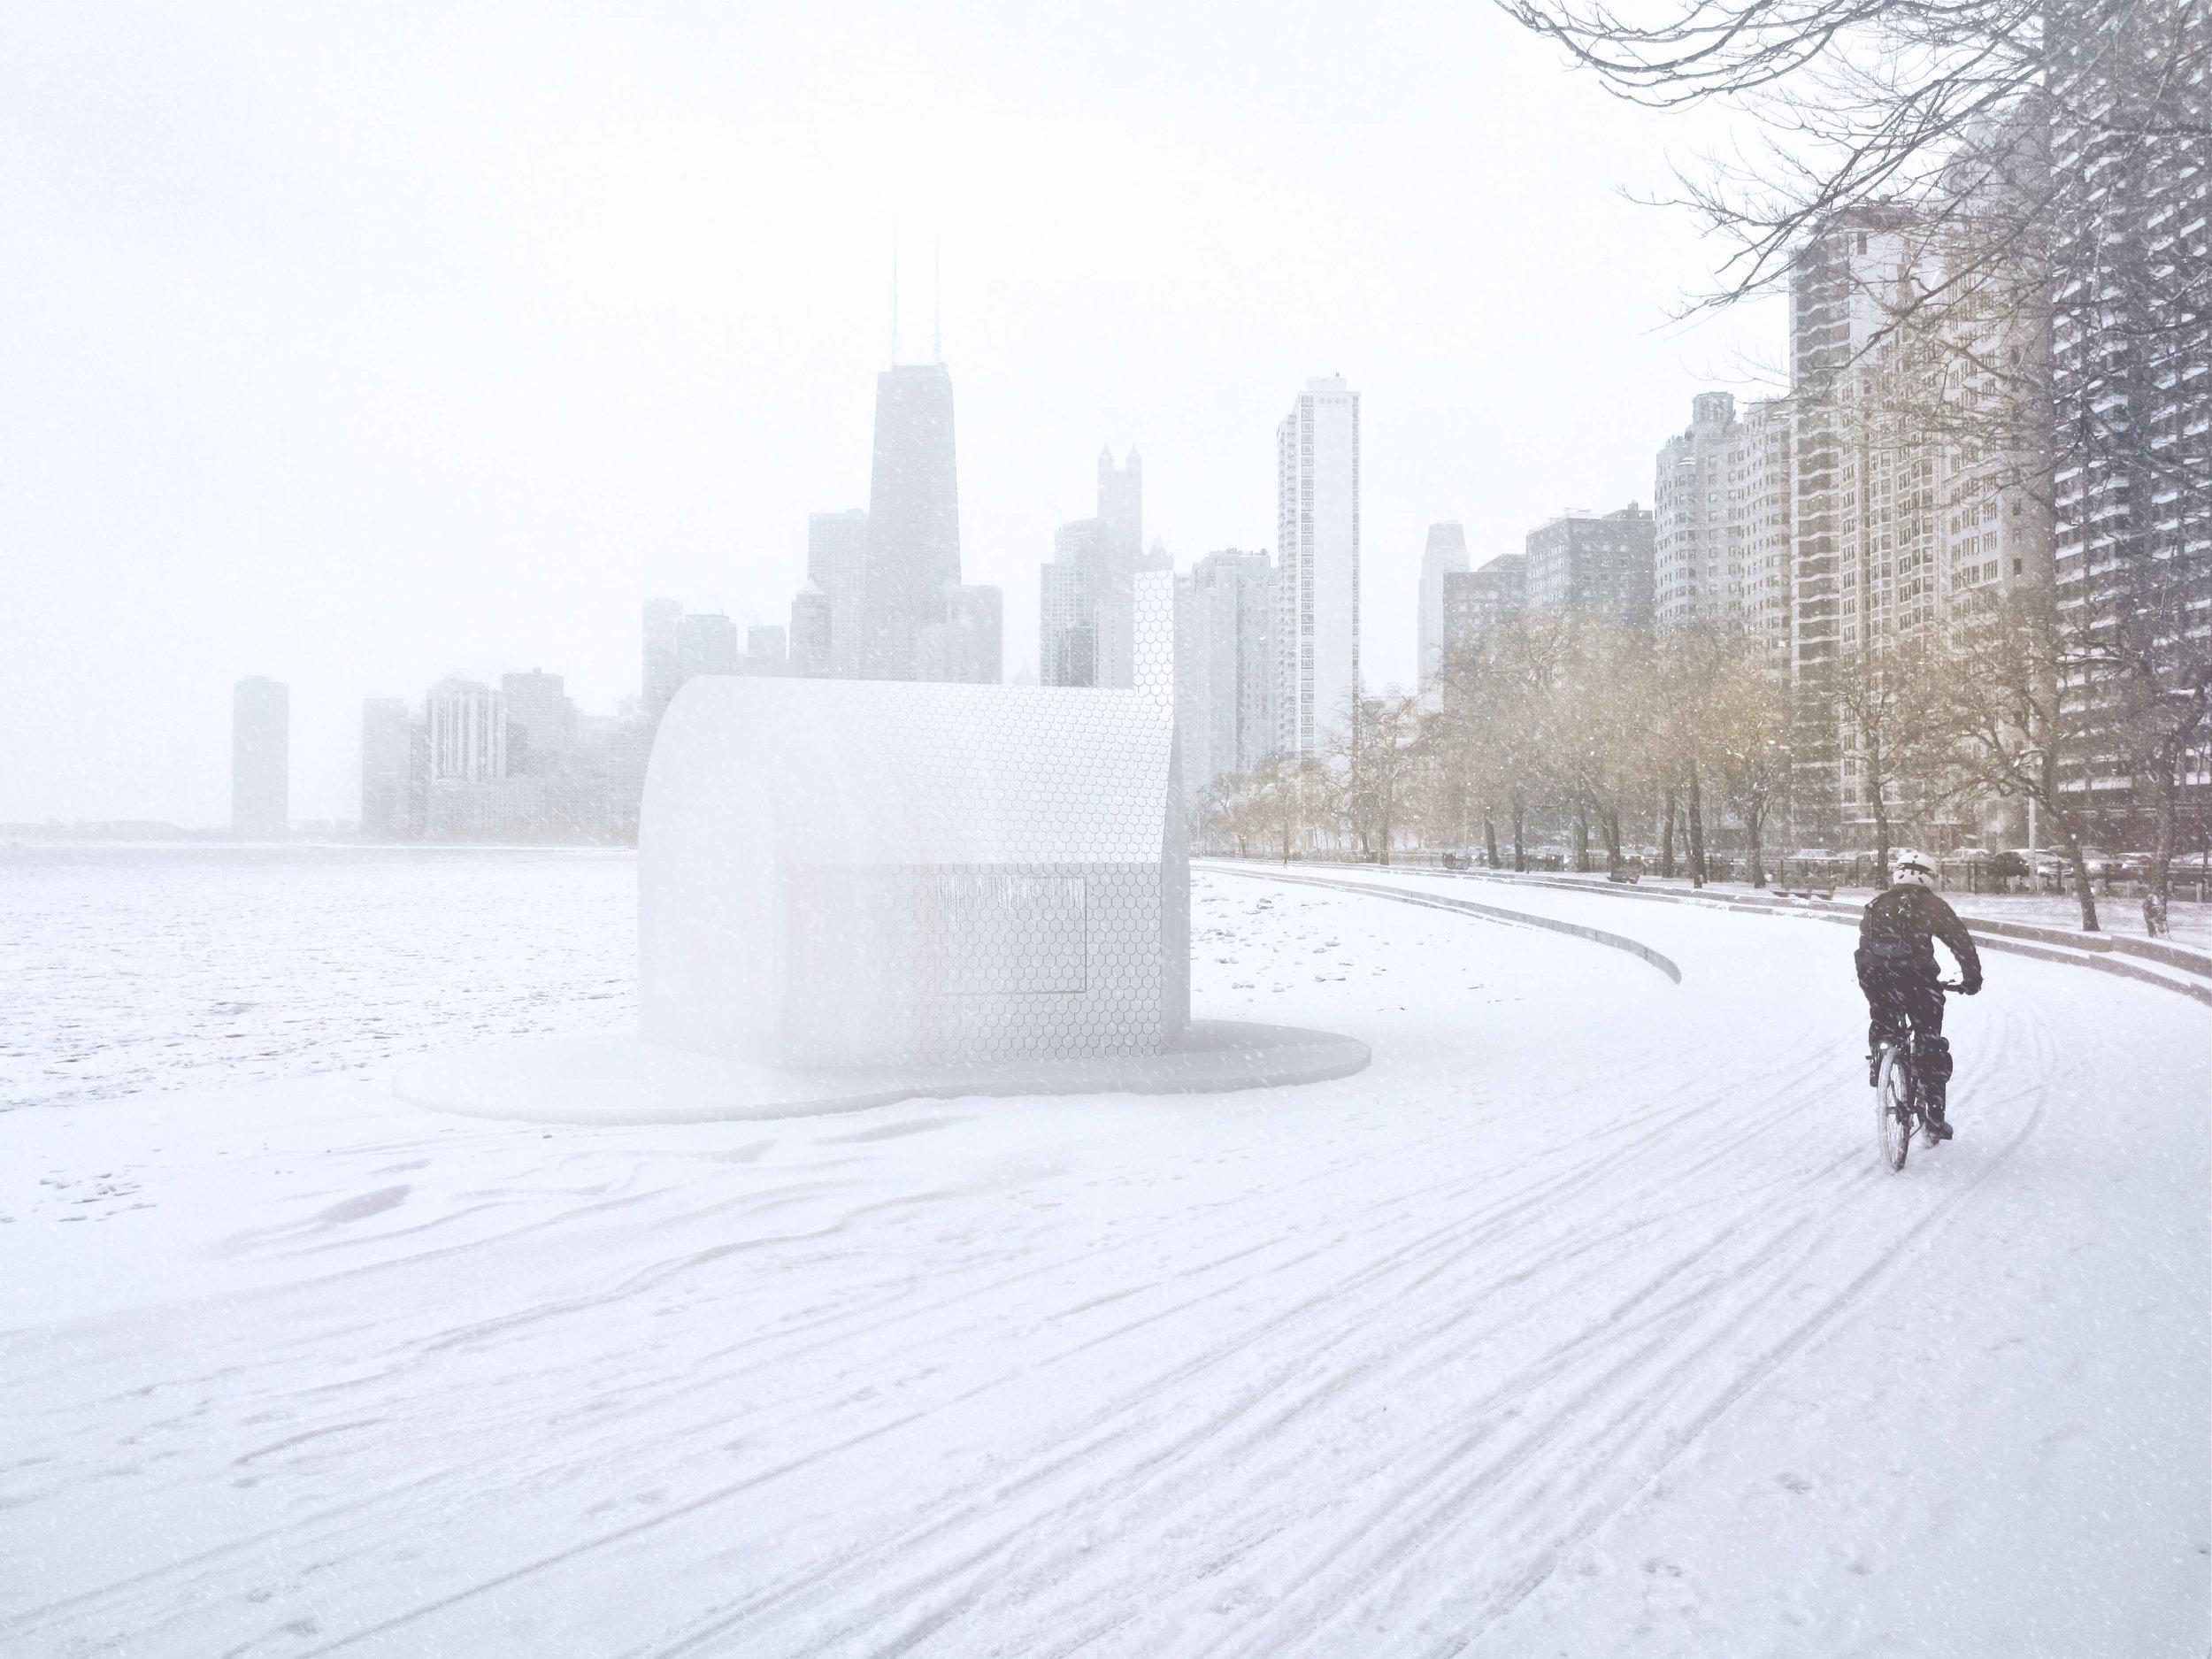 Kiosk Lakefront Winter.jpg